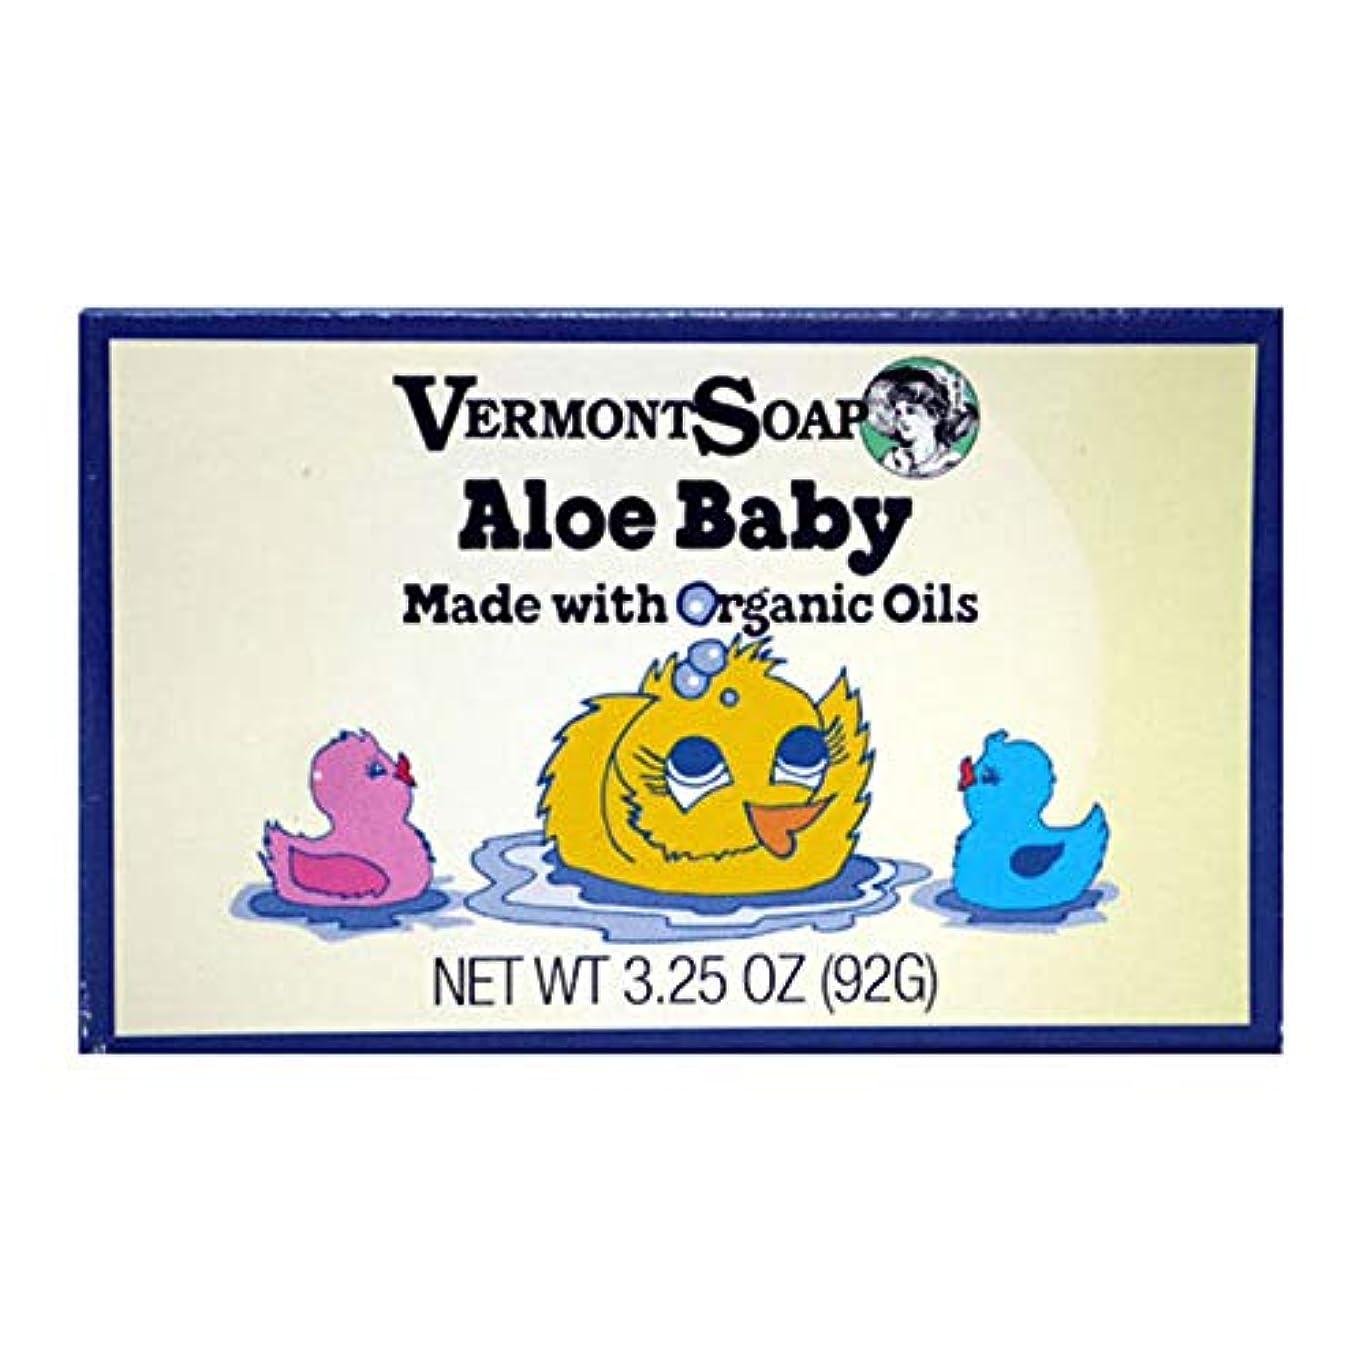 スライム富規模バーモントソープ アロエベビー オーガニック 全身ベビーソープ 赤ちゃん石鹸 92g